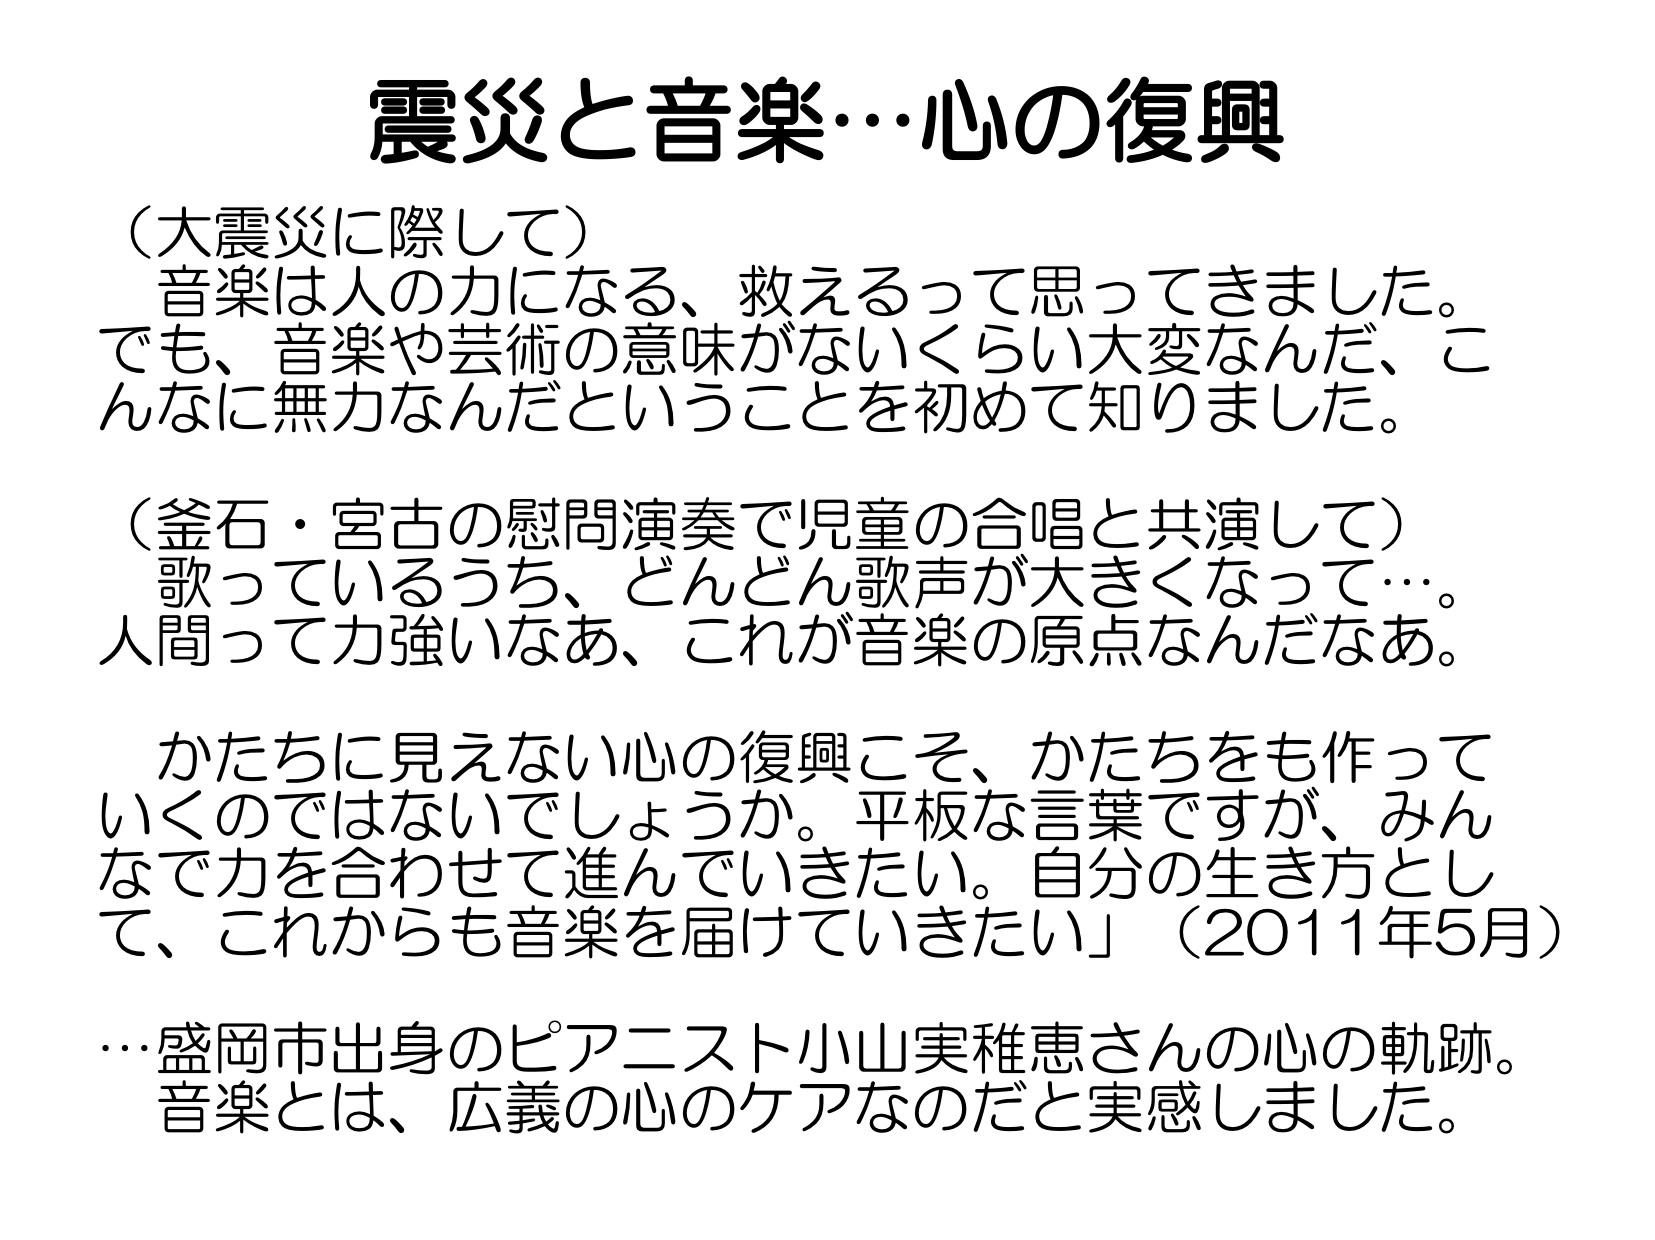 「震災と報道…心のケア、文化財、音楽」…③_a0103650_0571877.jpg